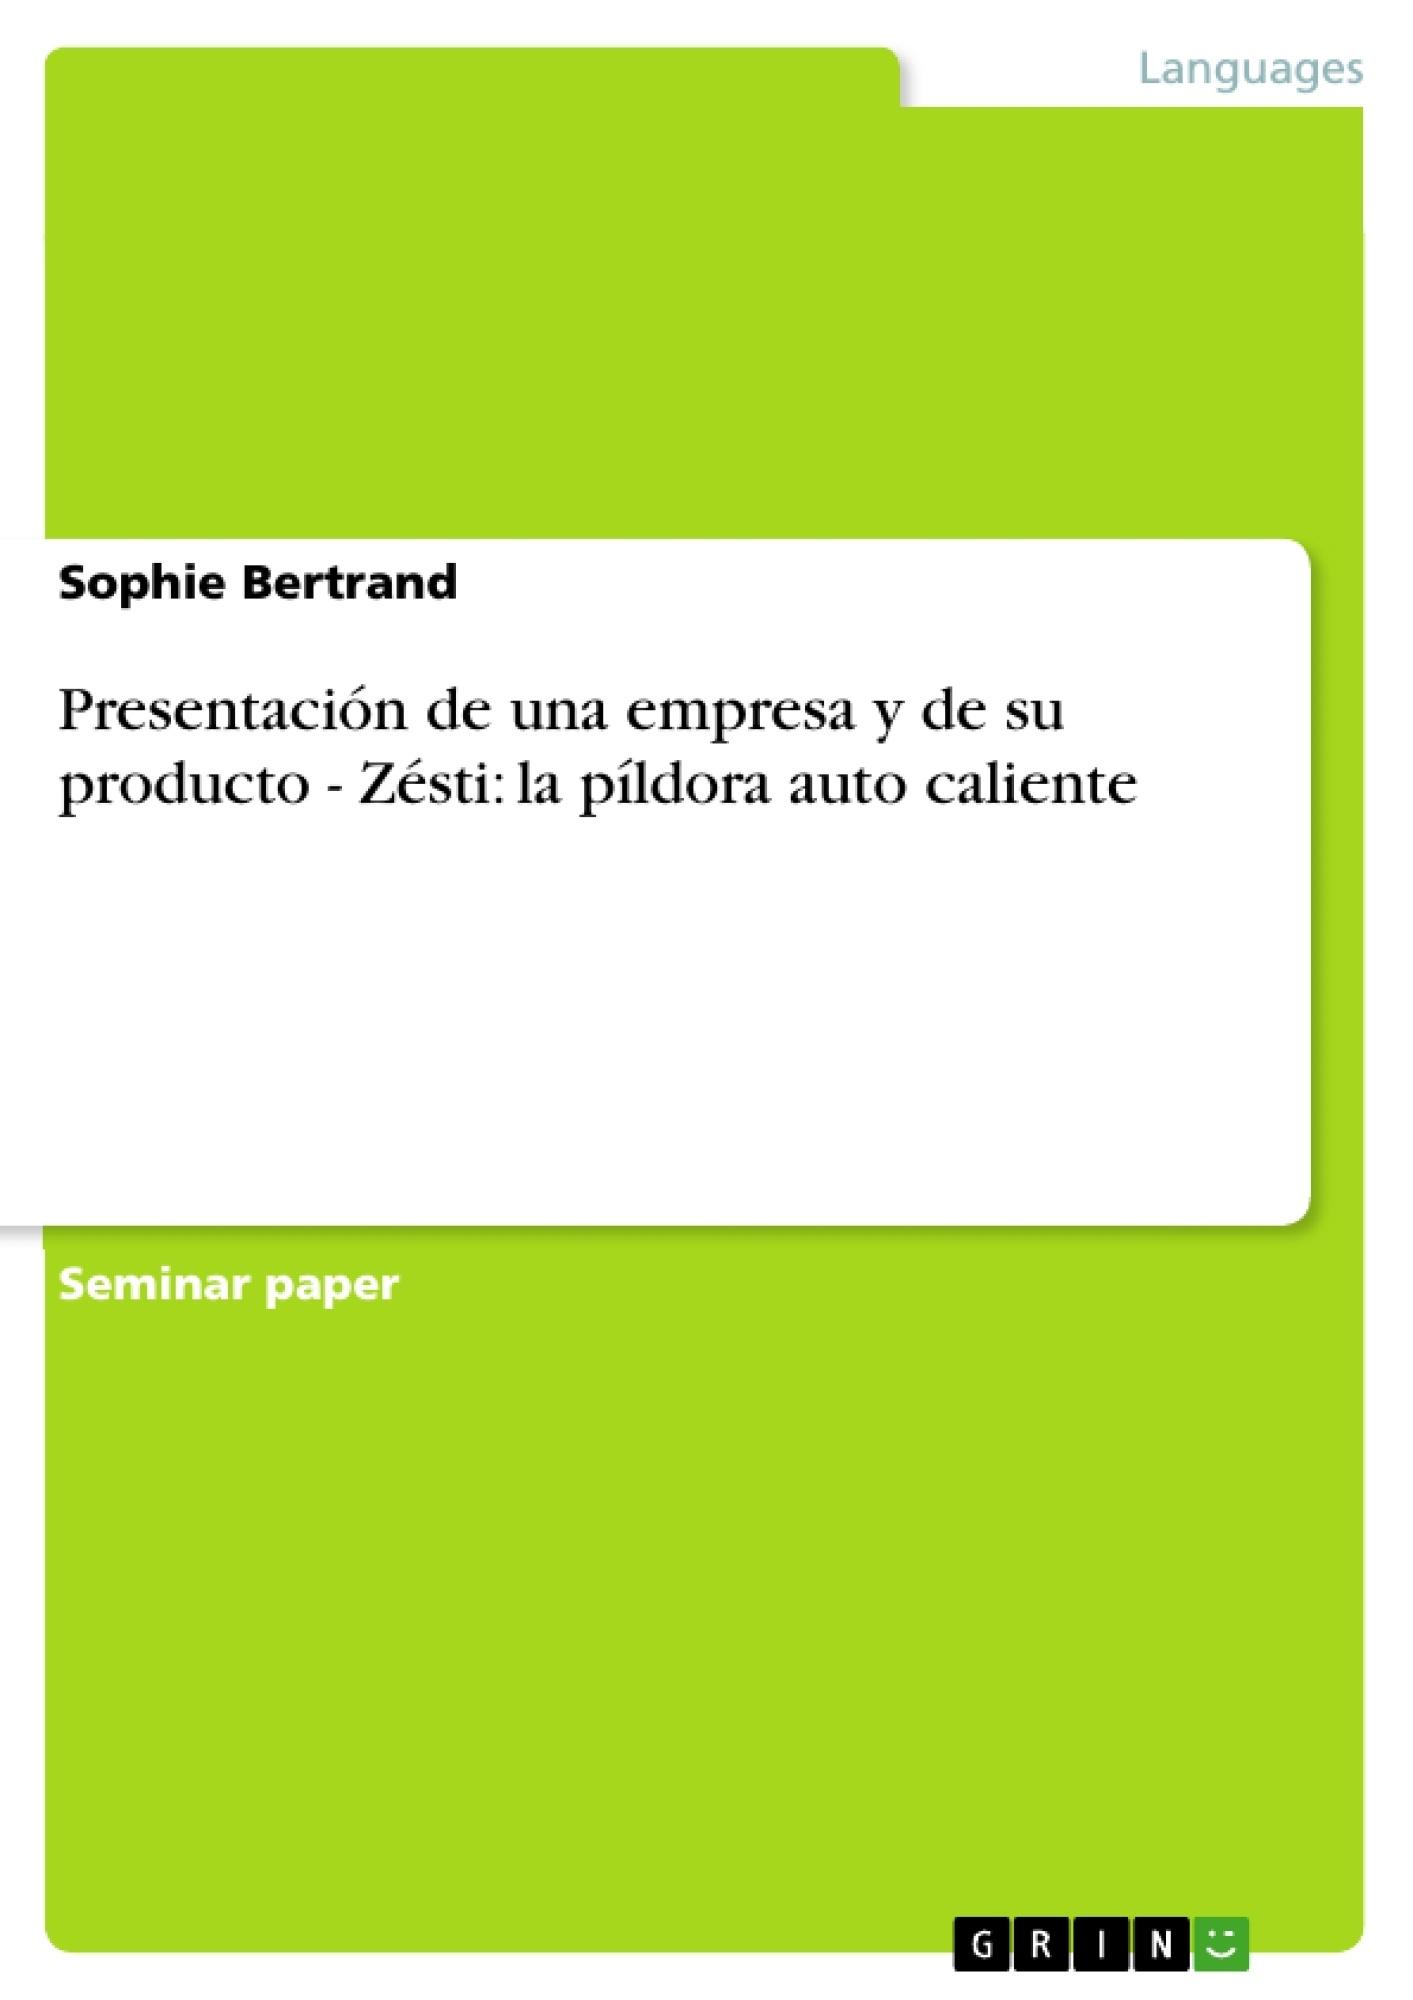 Título: Presentación de una empresa y de su producto - Zésti: la píldora auto caliente